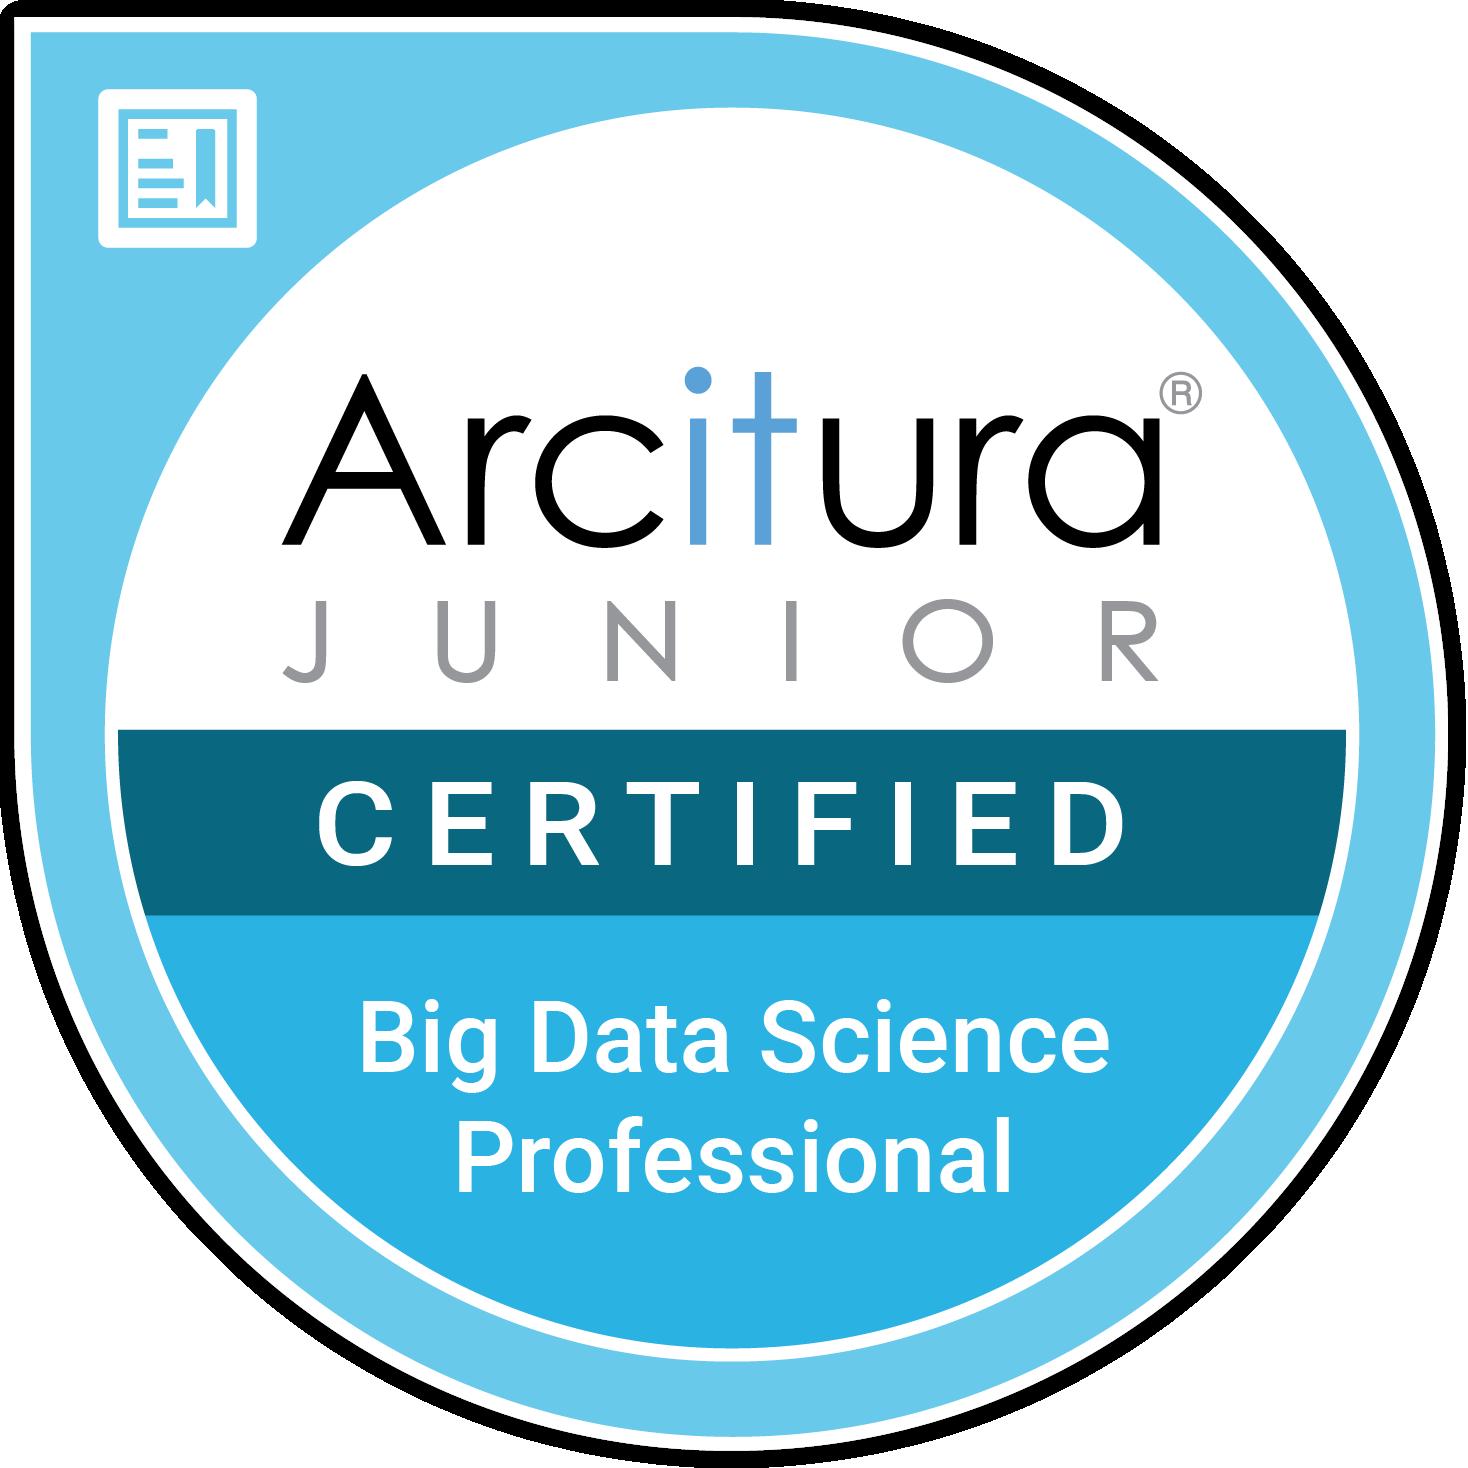 Junior Big Data Science Professional